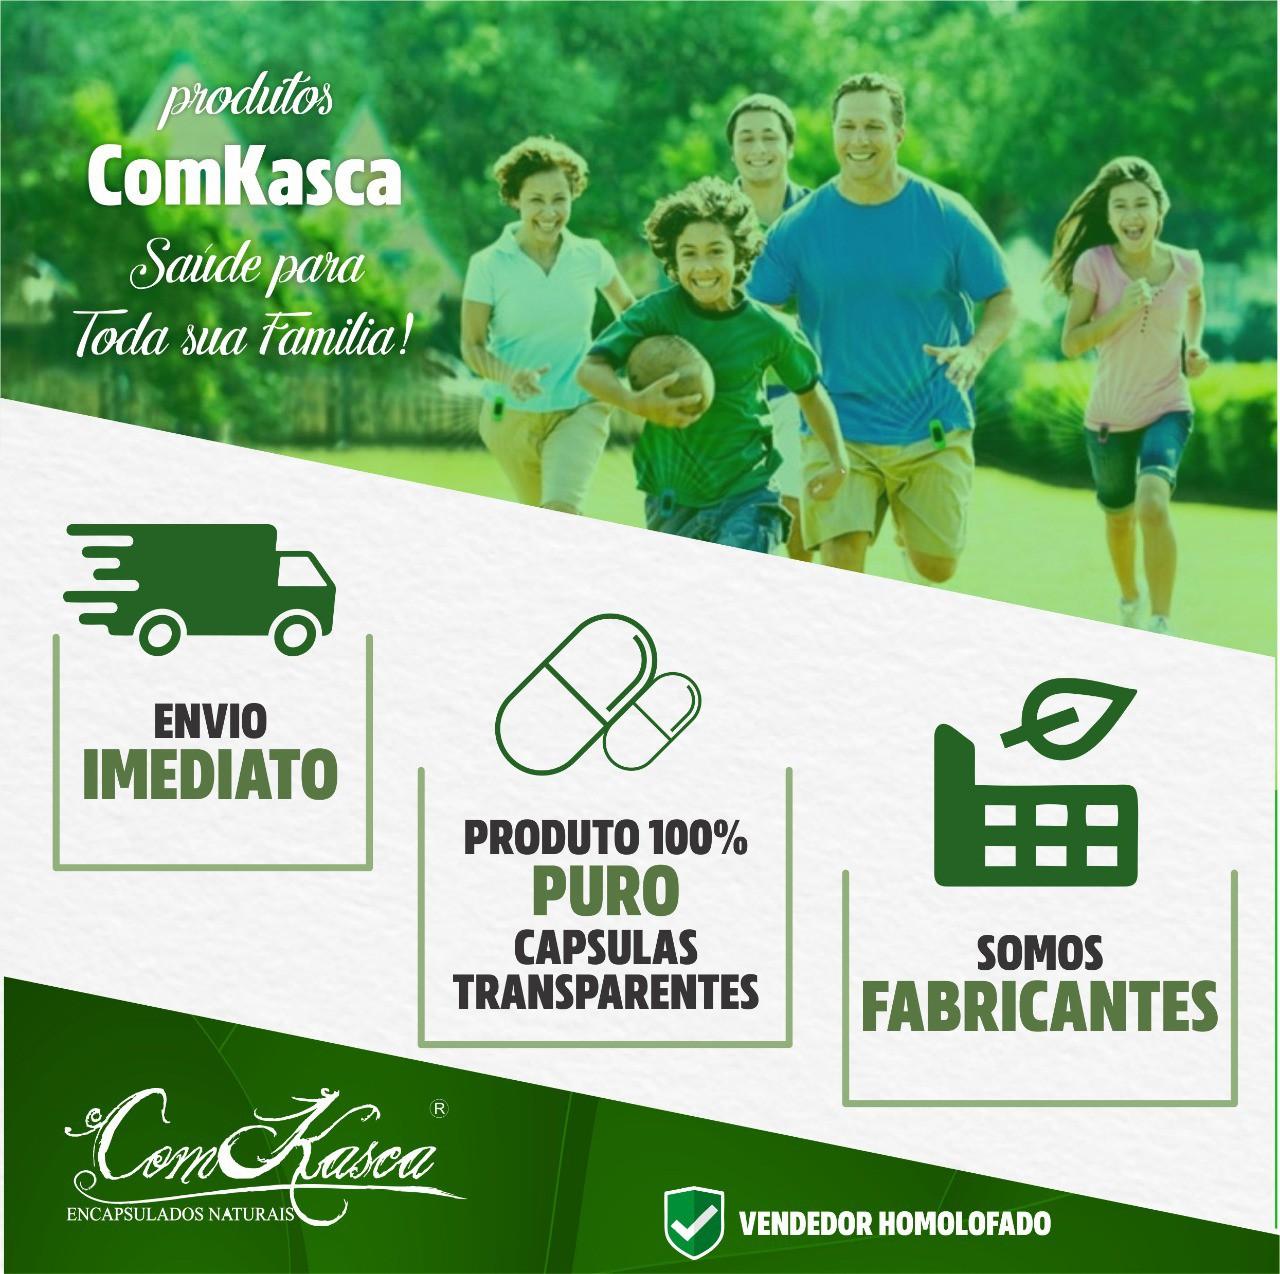 24 Frascos De (green-shape) Emagrecedor Comkasca